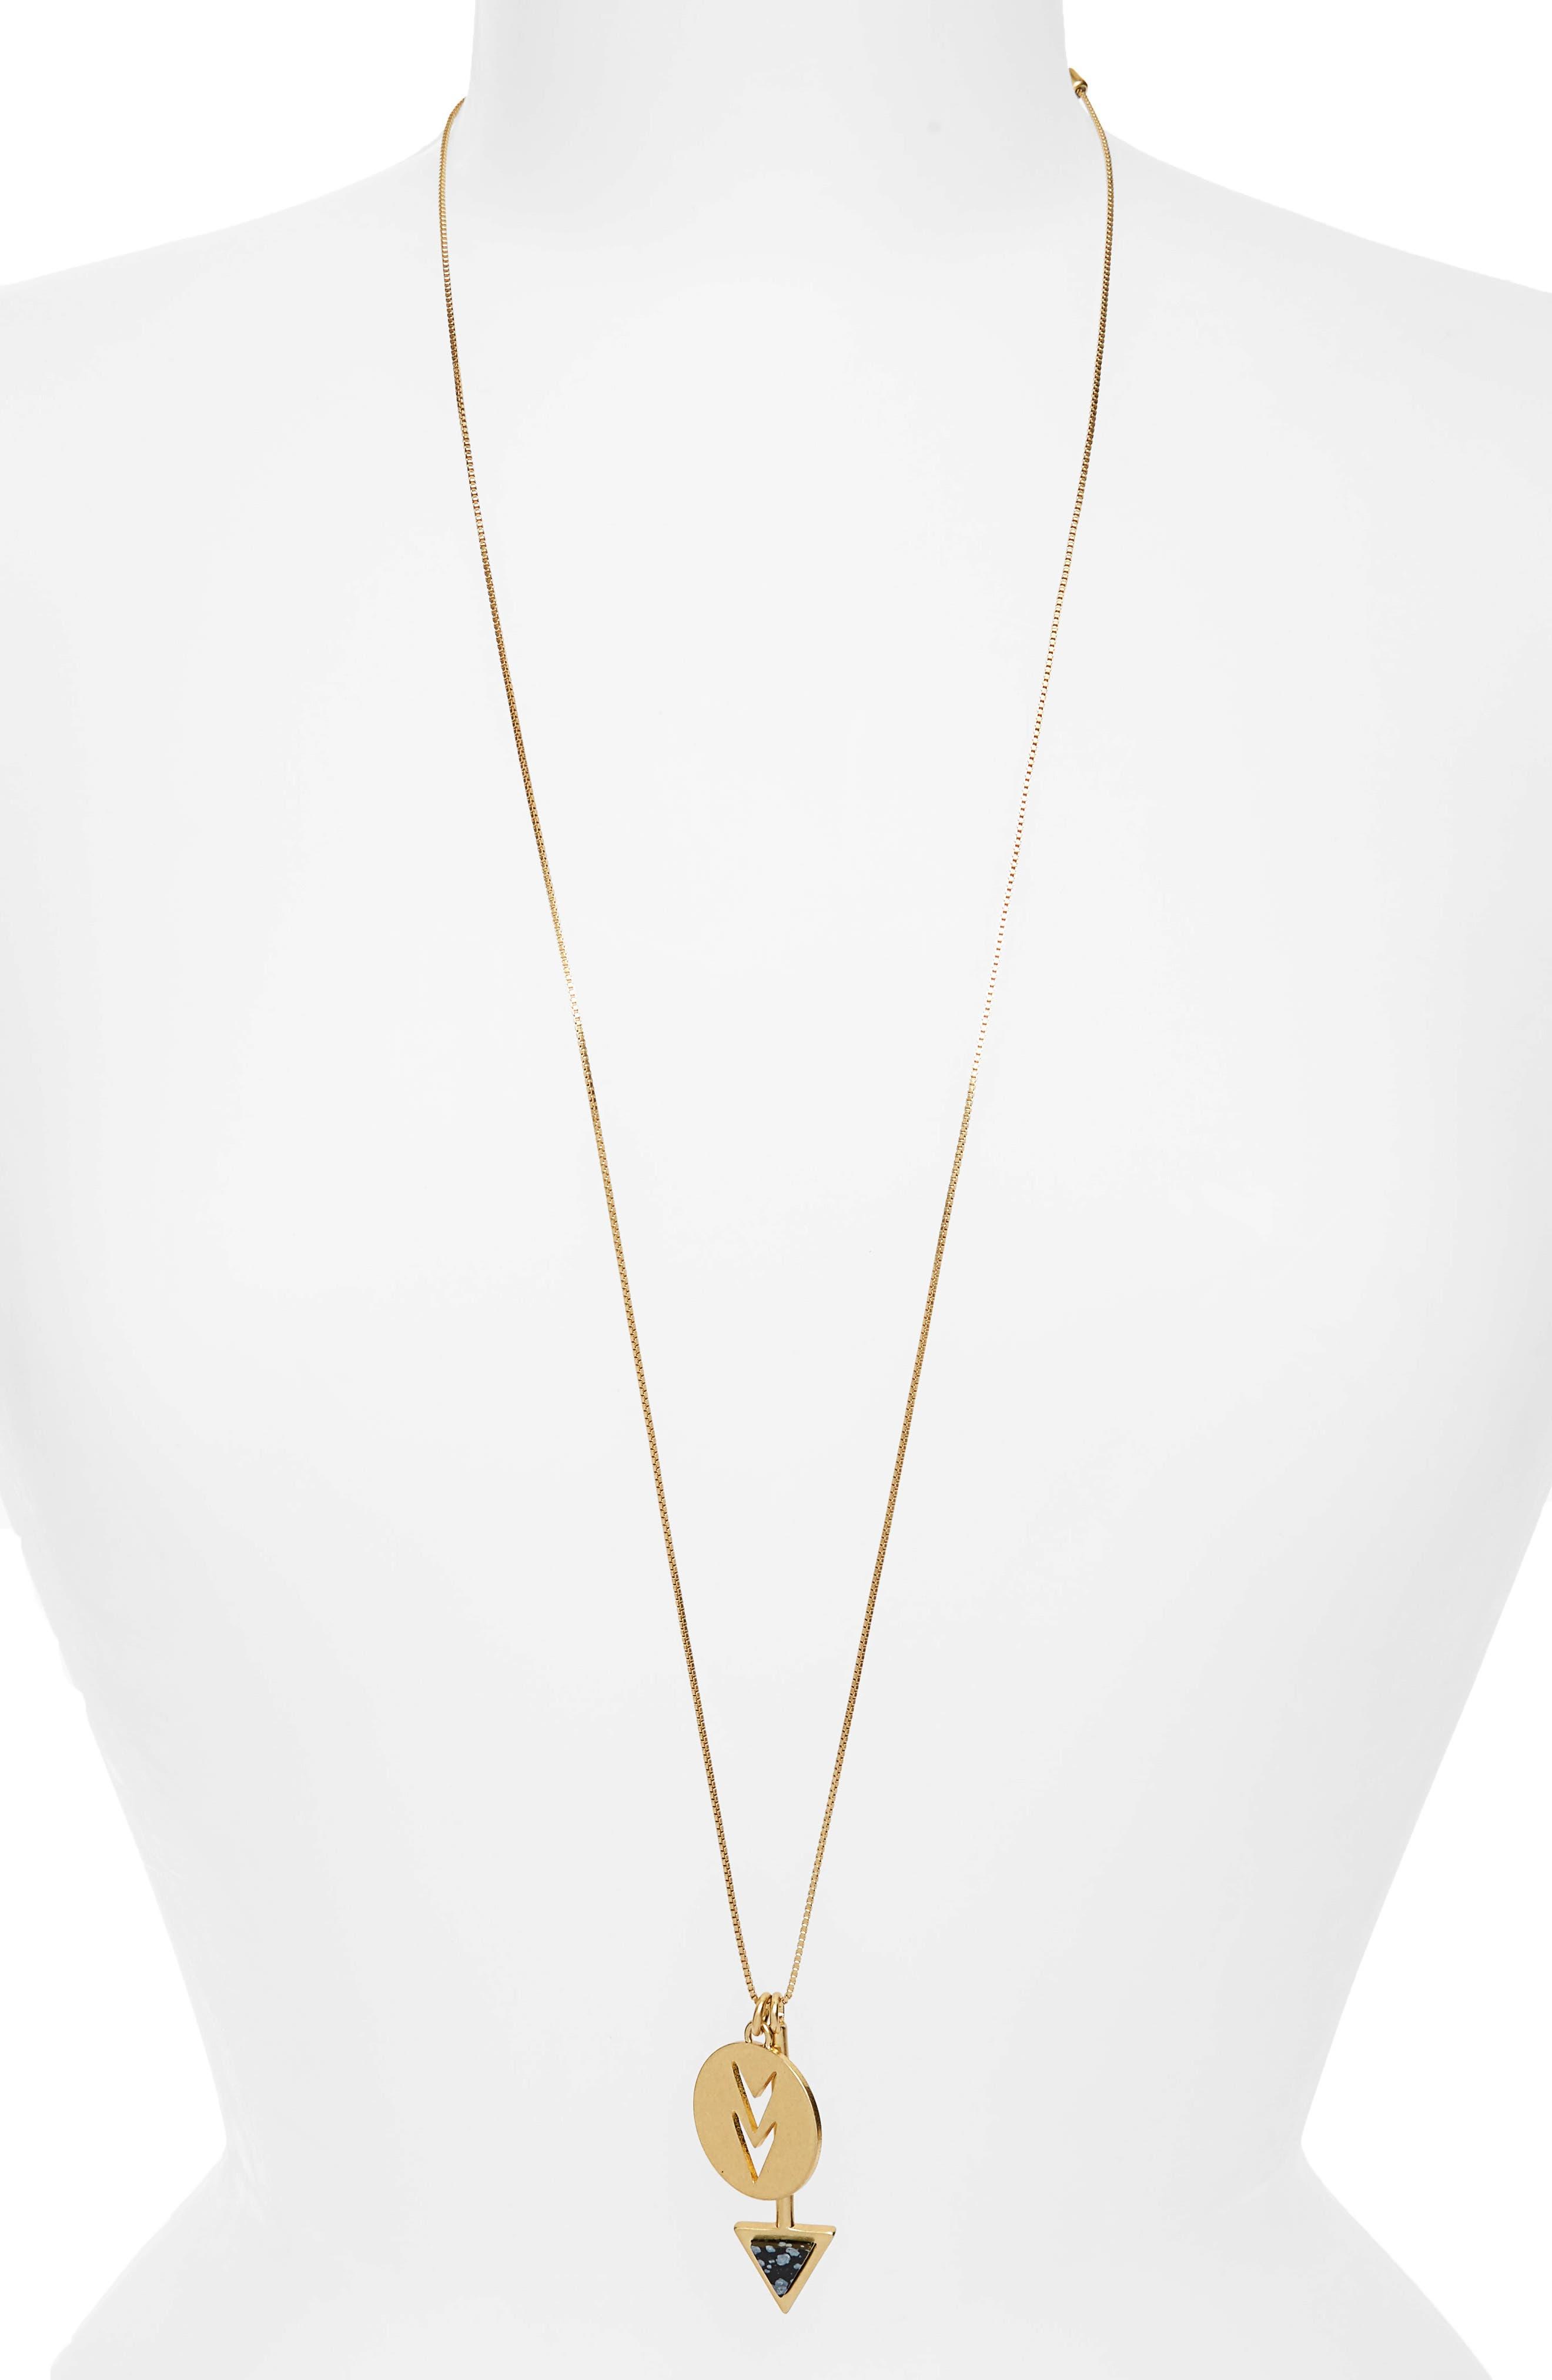 Arrowshift Pendant Necklace,                             Main thumbnail 1, color,                             710